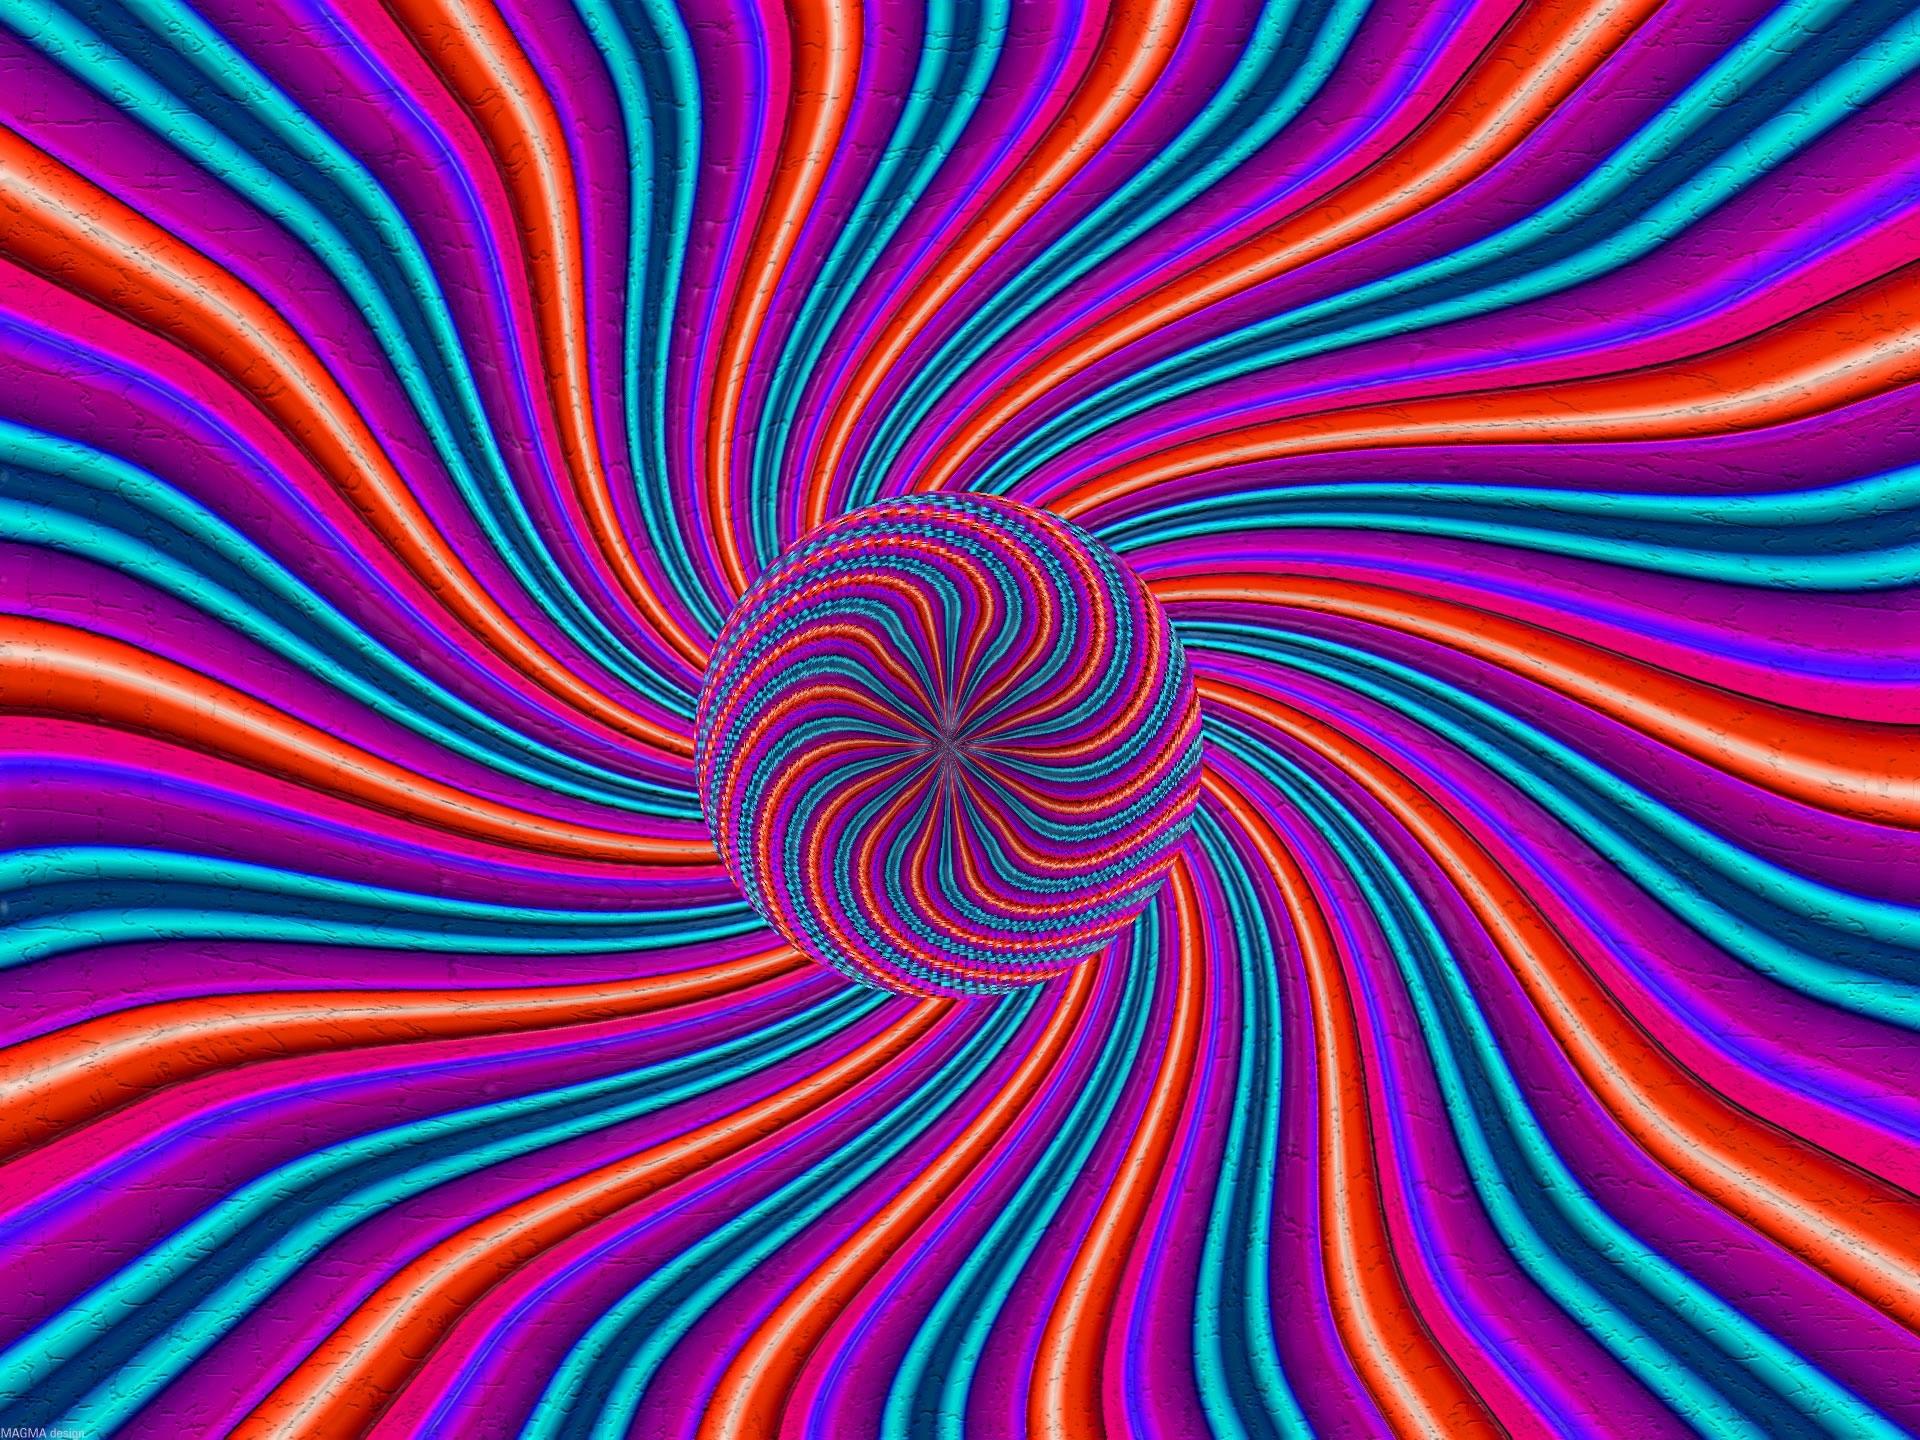 错觉手机壁纸_视觉错觉 高清壁纸 | 桌面背景 | 1920x1440 | ID:224397 - Wallpaper Abyss